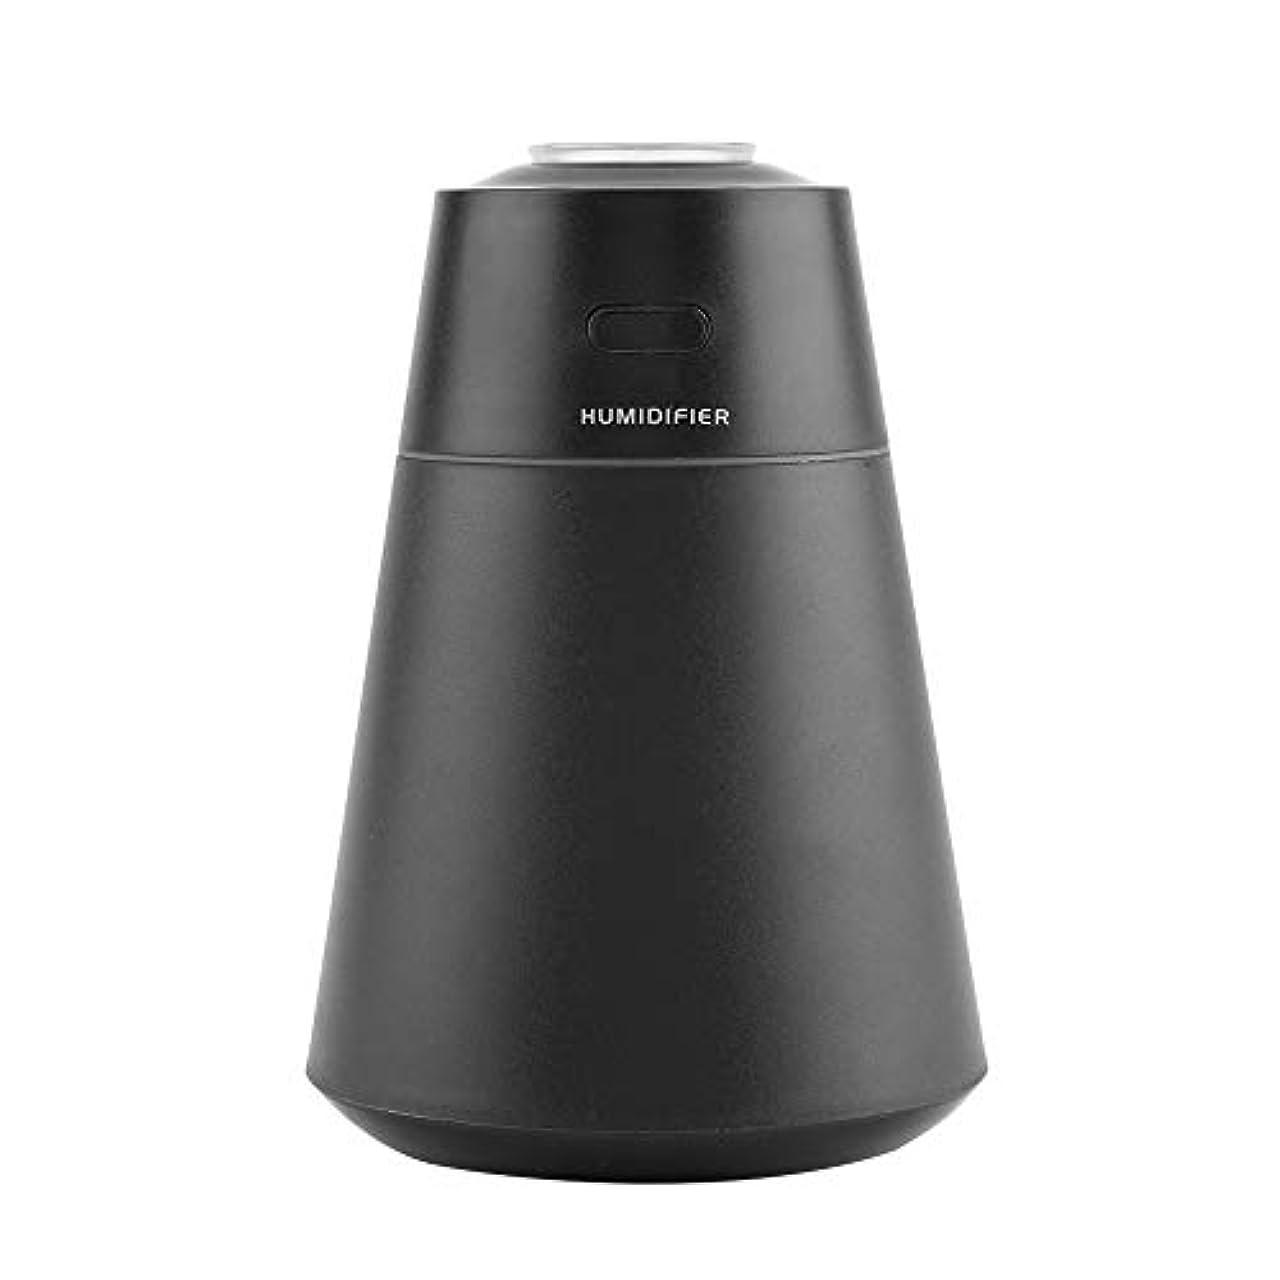 ジャベスウィルソンクレーターコミットメントアロマエッセンシャルオイルクールミスト加湿器、USBスーパーミニ超音波加湿器ディフューザー7色ナイトライトクールミスト加湿器(黒)